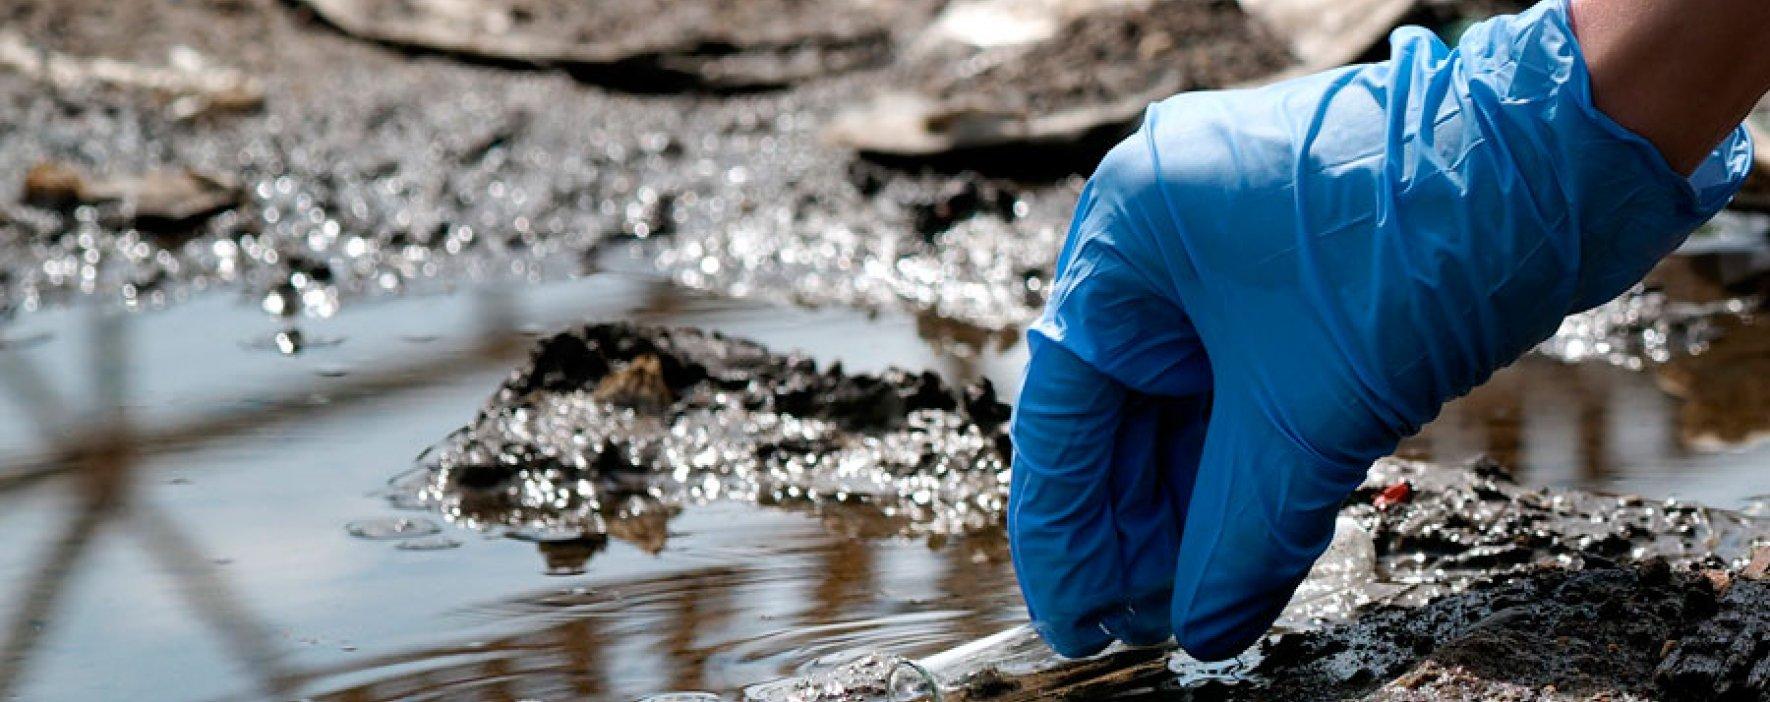 Amenaza por contaminación del agua